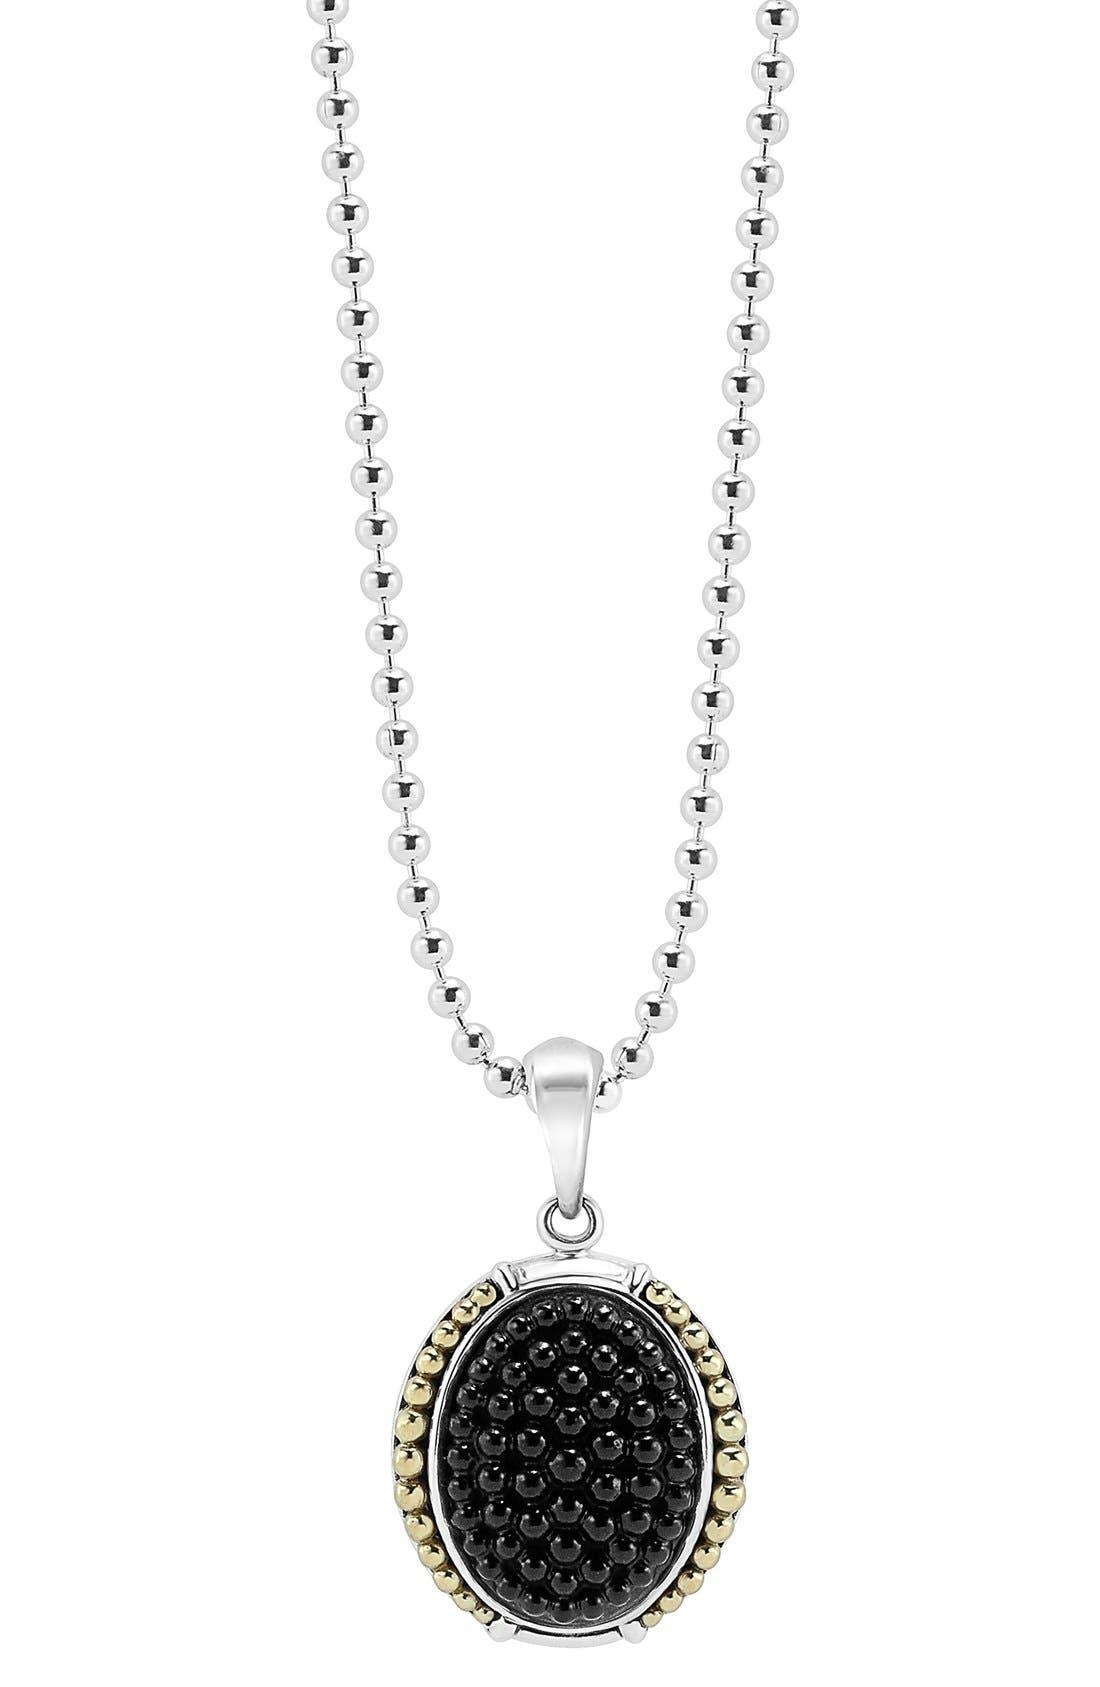 LAGOS Black Caviar Oval Pendant Necklace